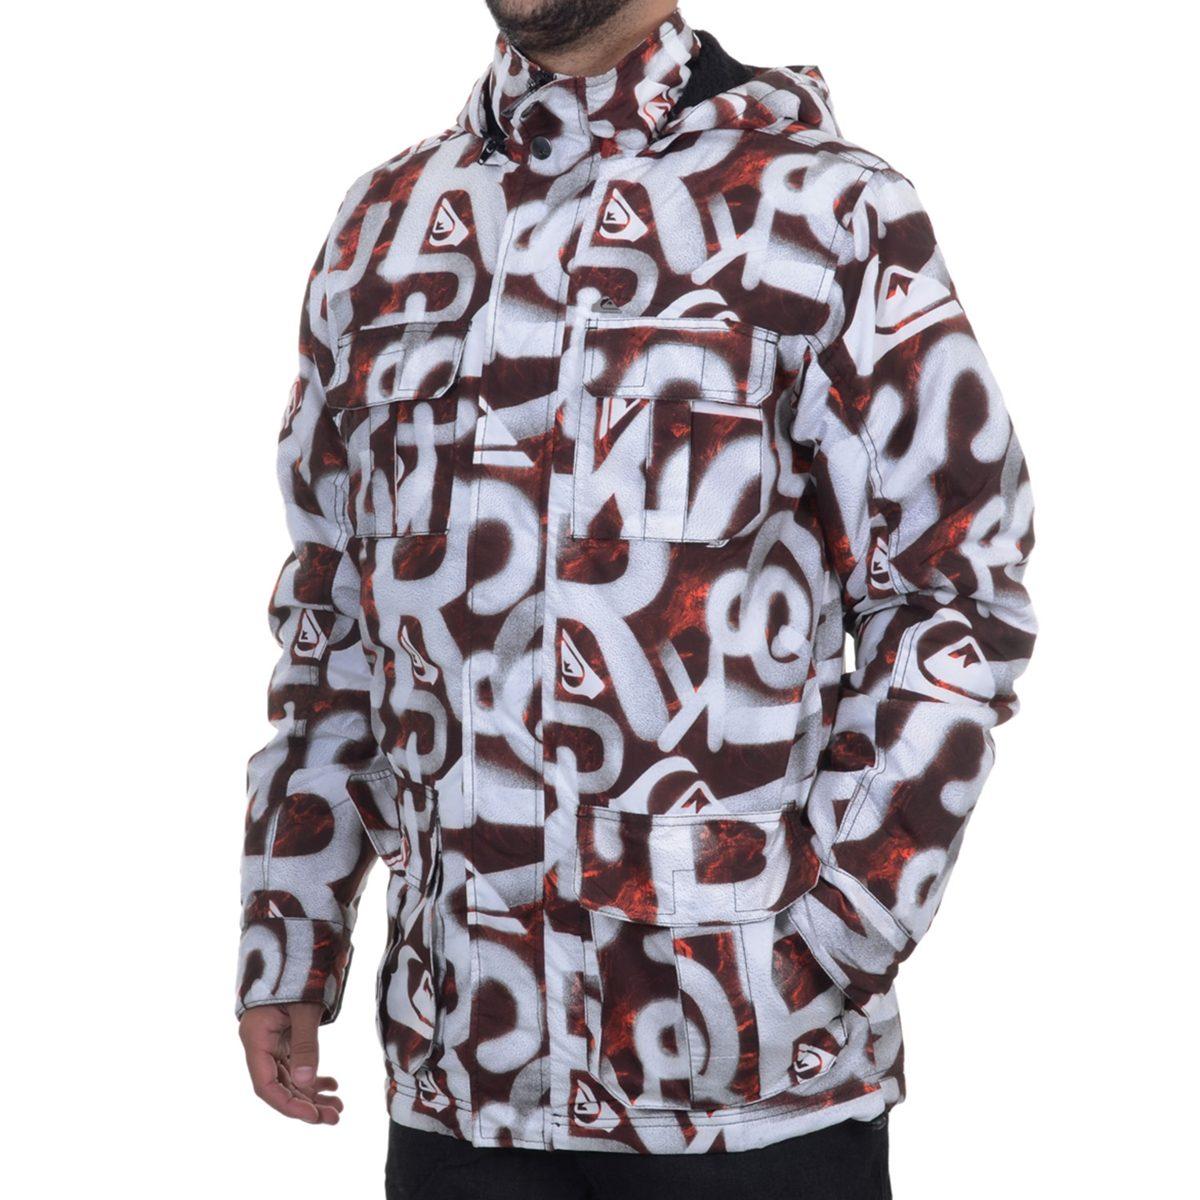 jaqueta masculina quiksilver spary art. Carregando zoom. c0e1e265656